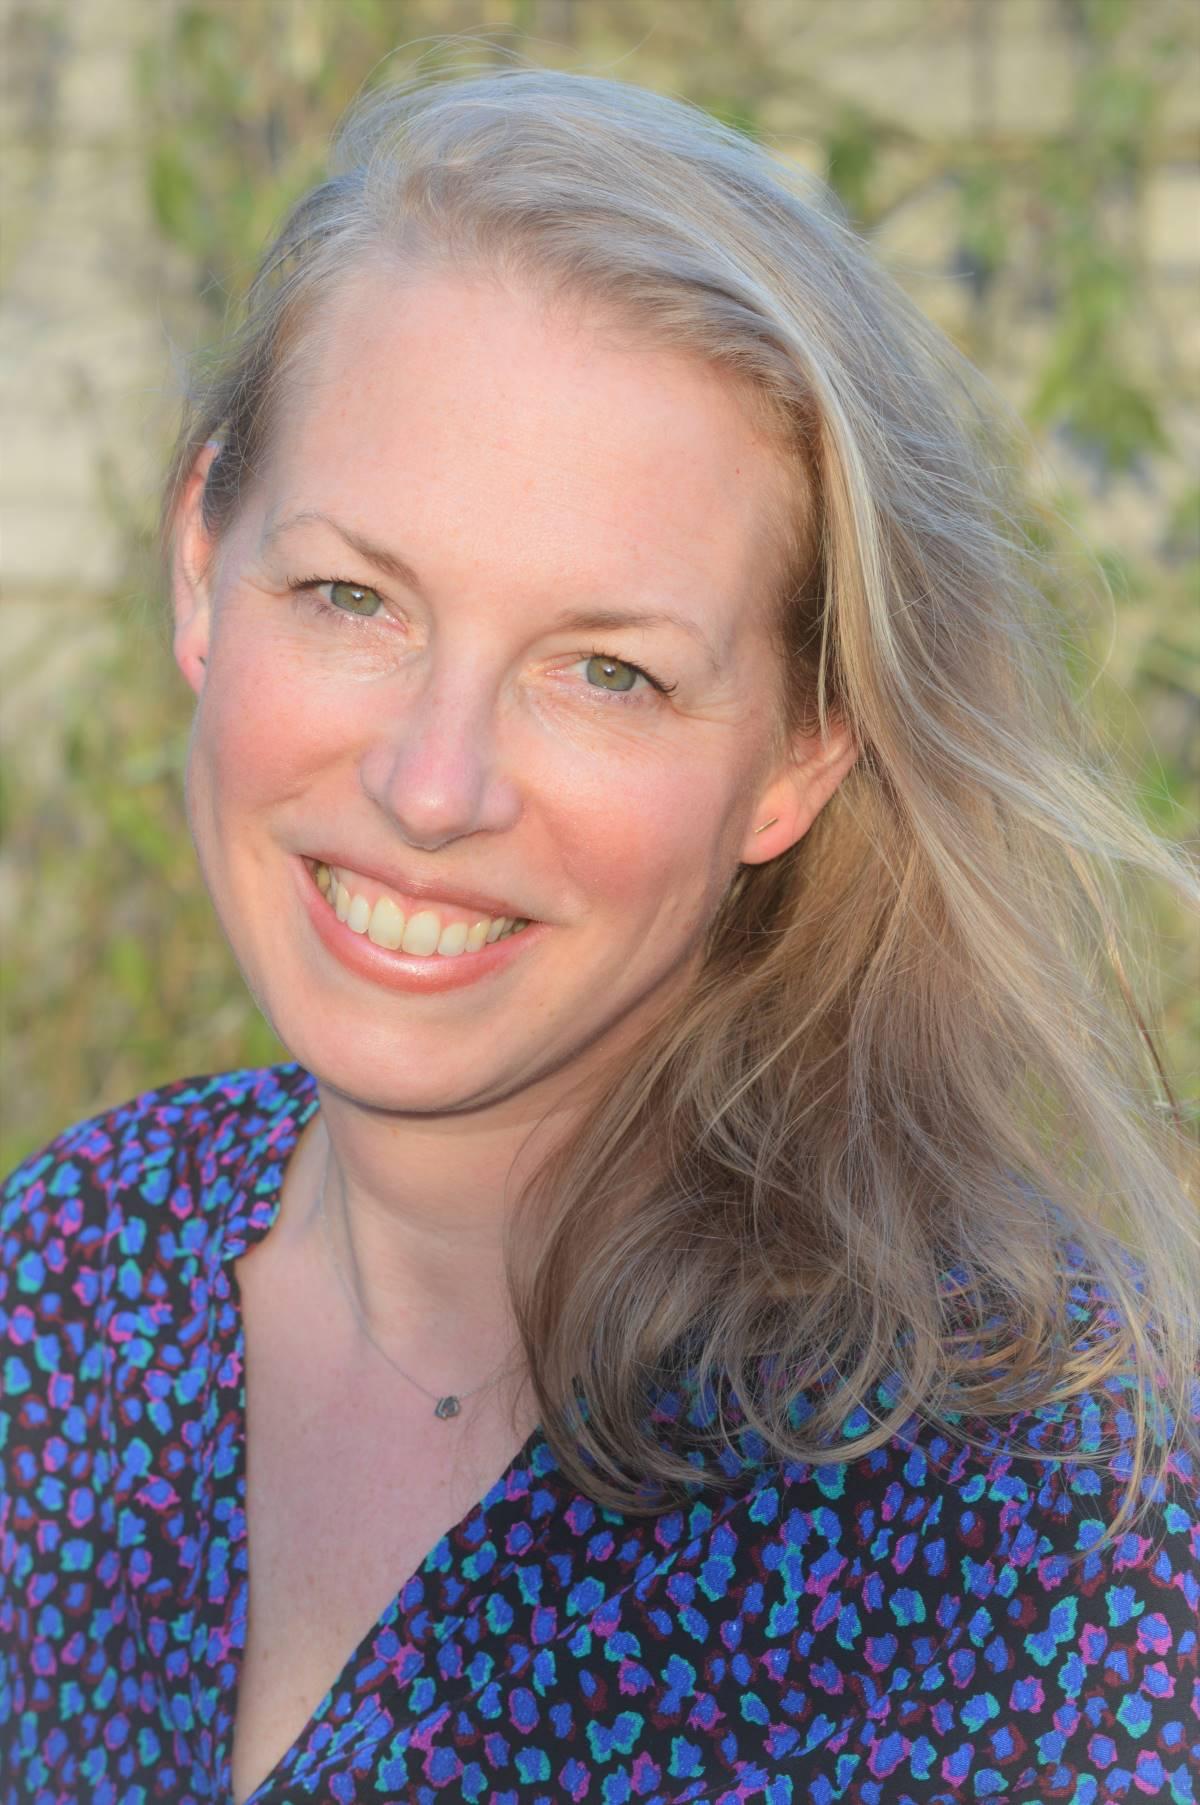 Miskraamcoach Inge Vogelaar foto